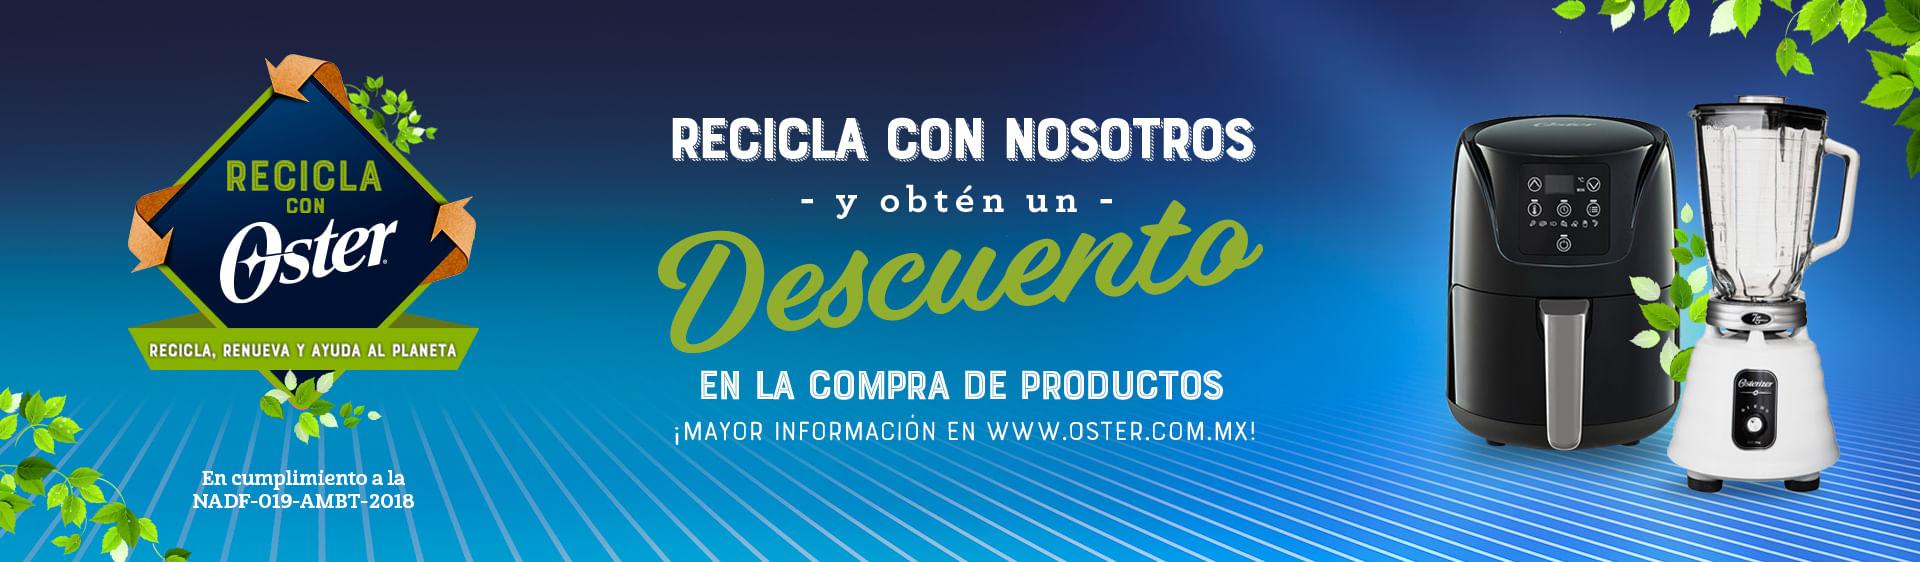 Banner campaña de reciclaje